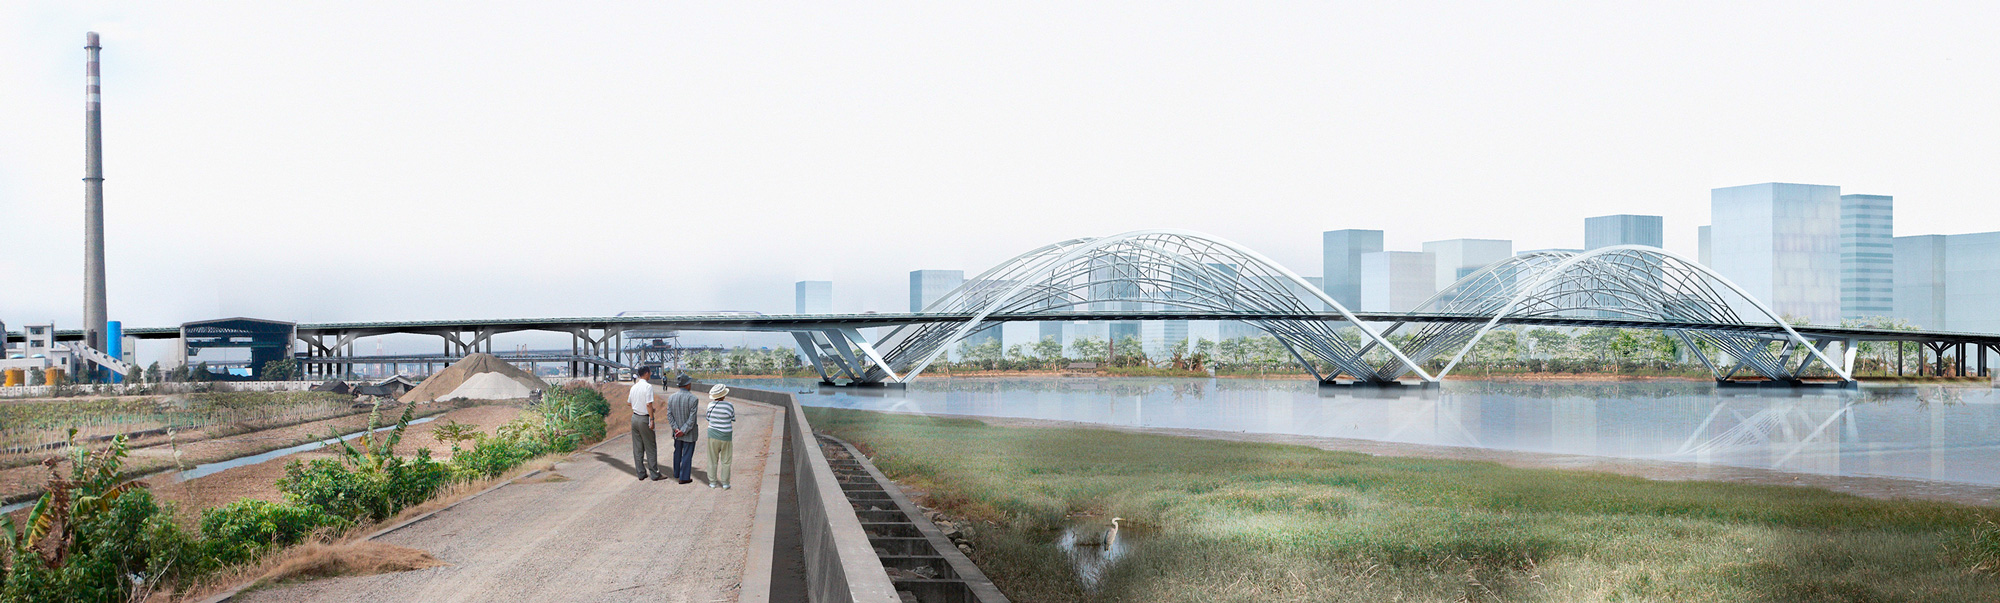 nan-pont-2arches_image3-l